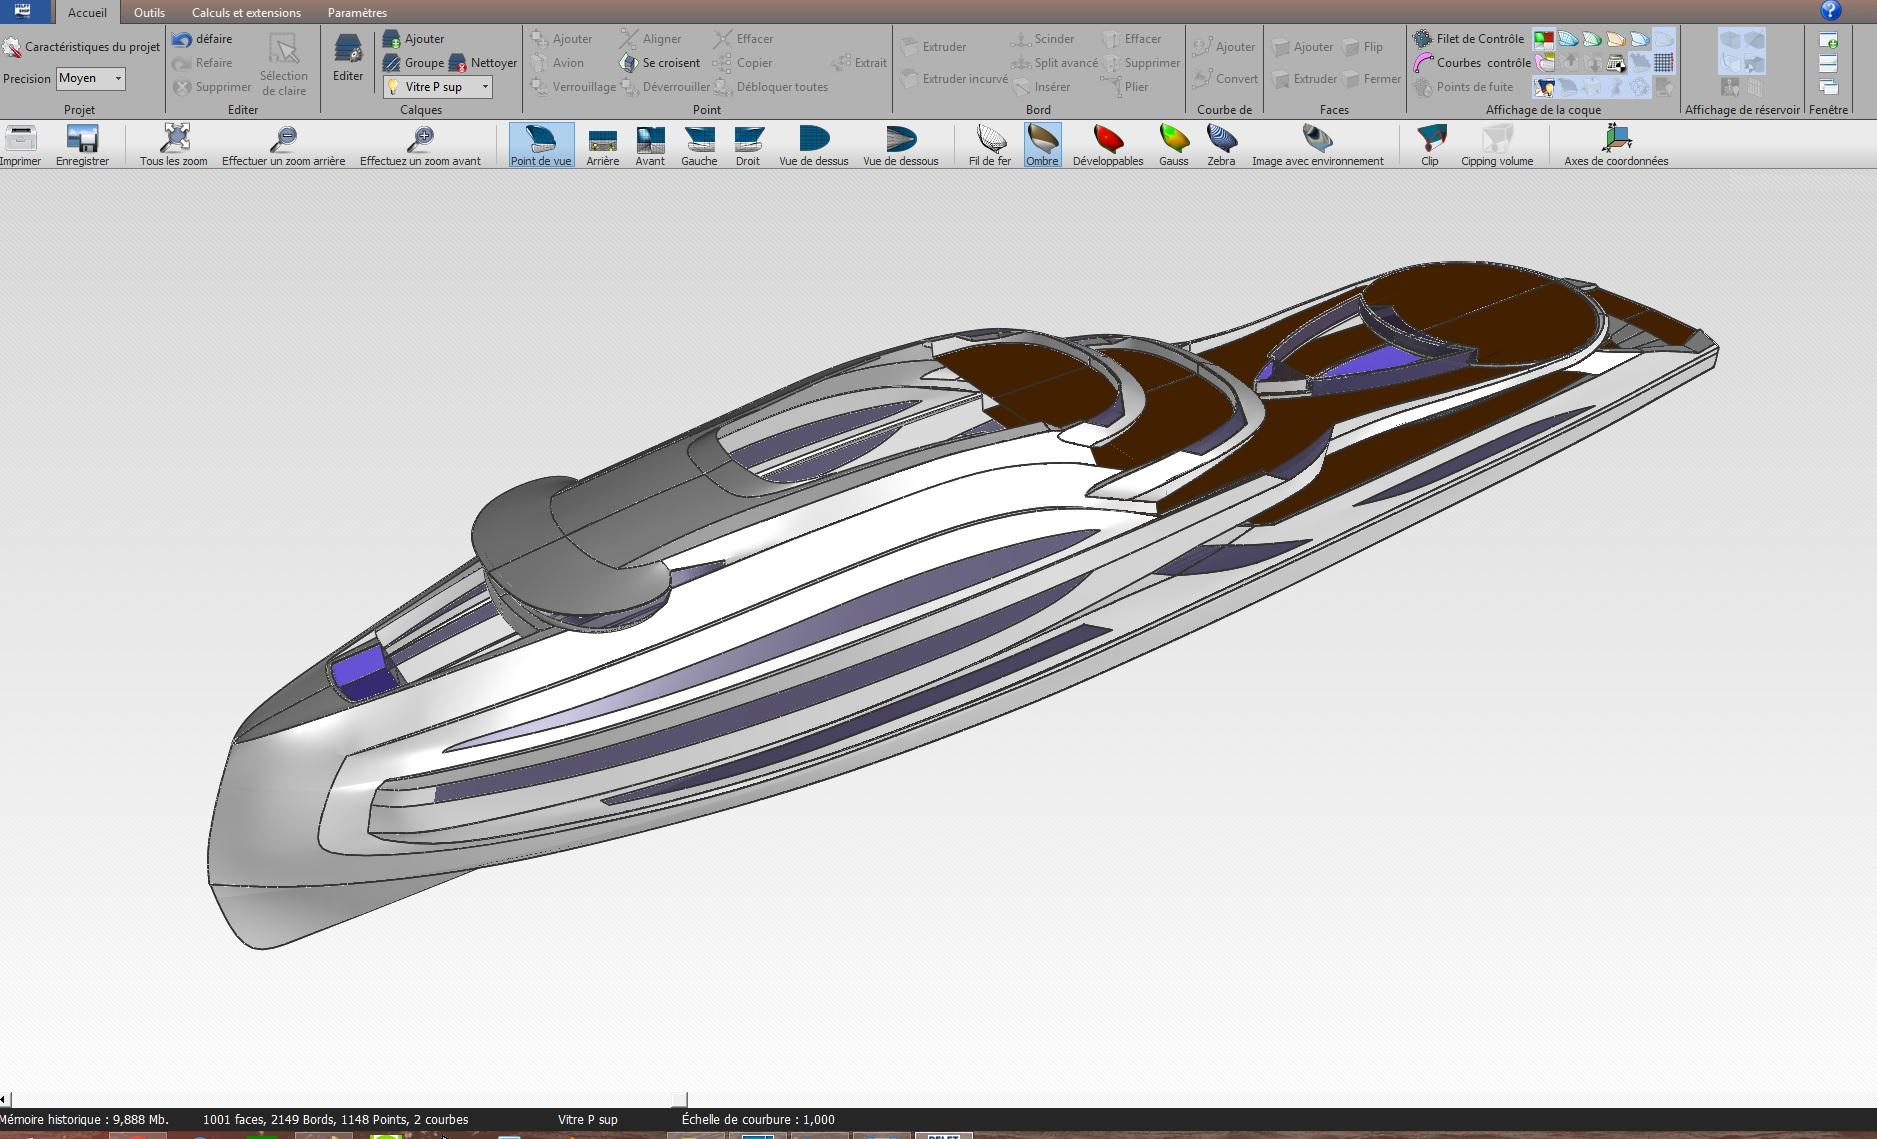 Xbow mega yacht - Page 3 1901050824445350416065835